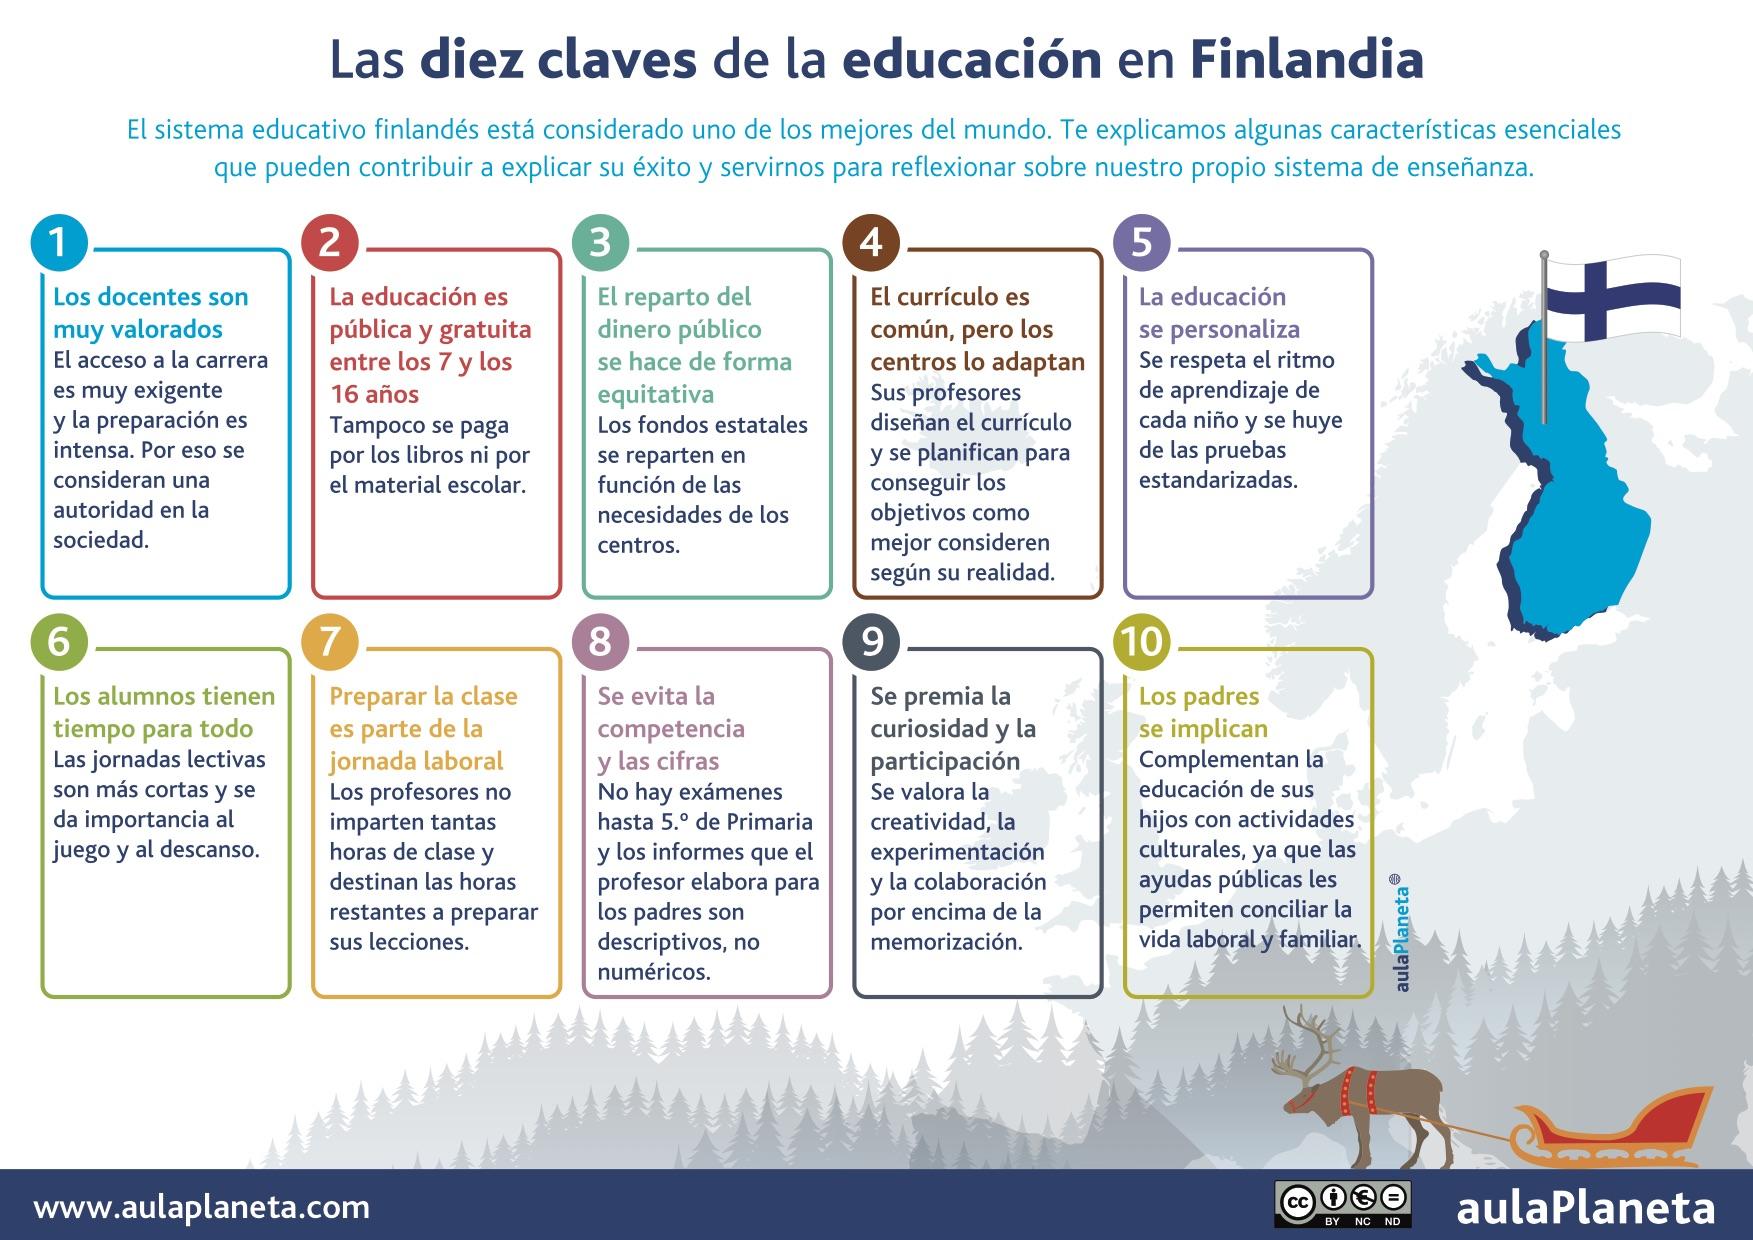 10 claves sobre educación en Finlandia